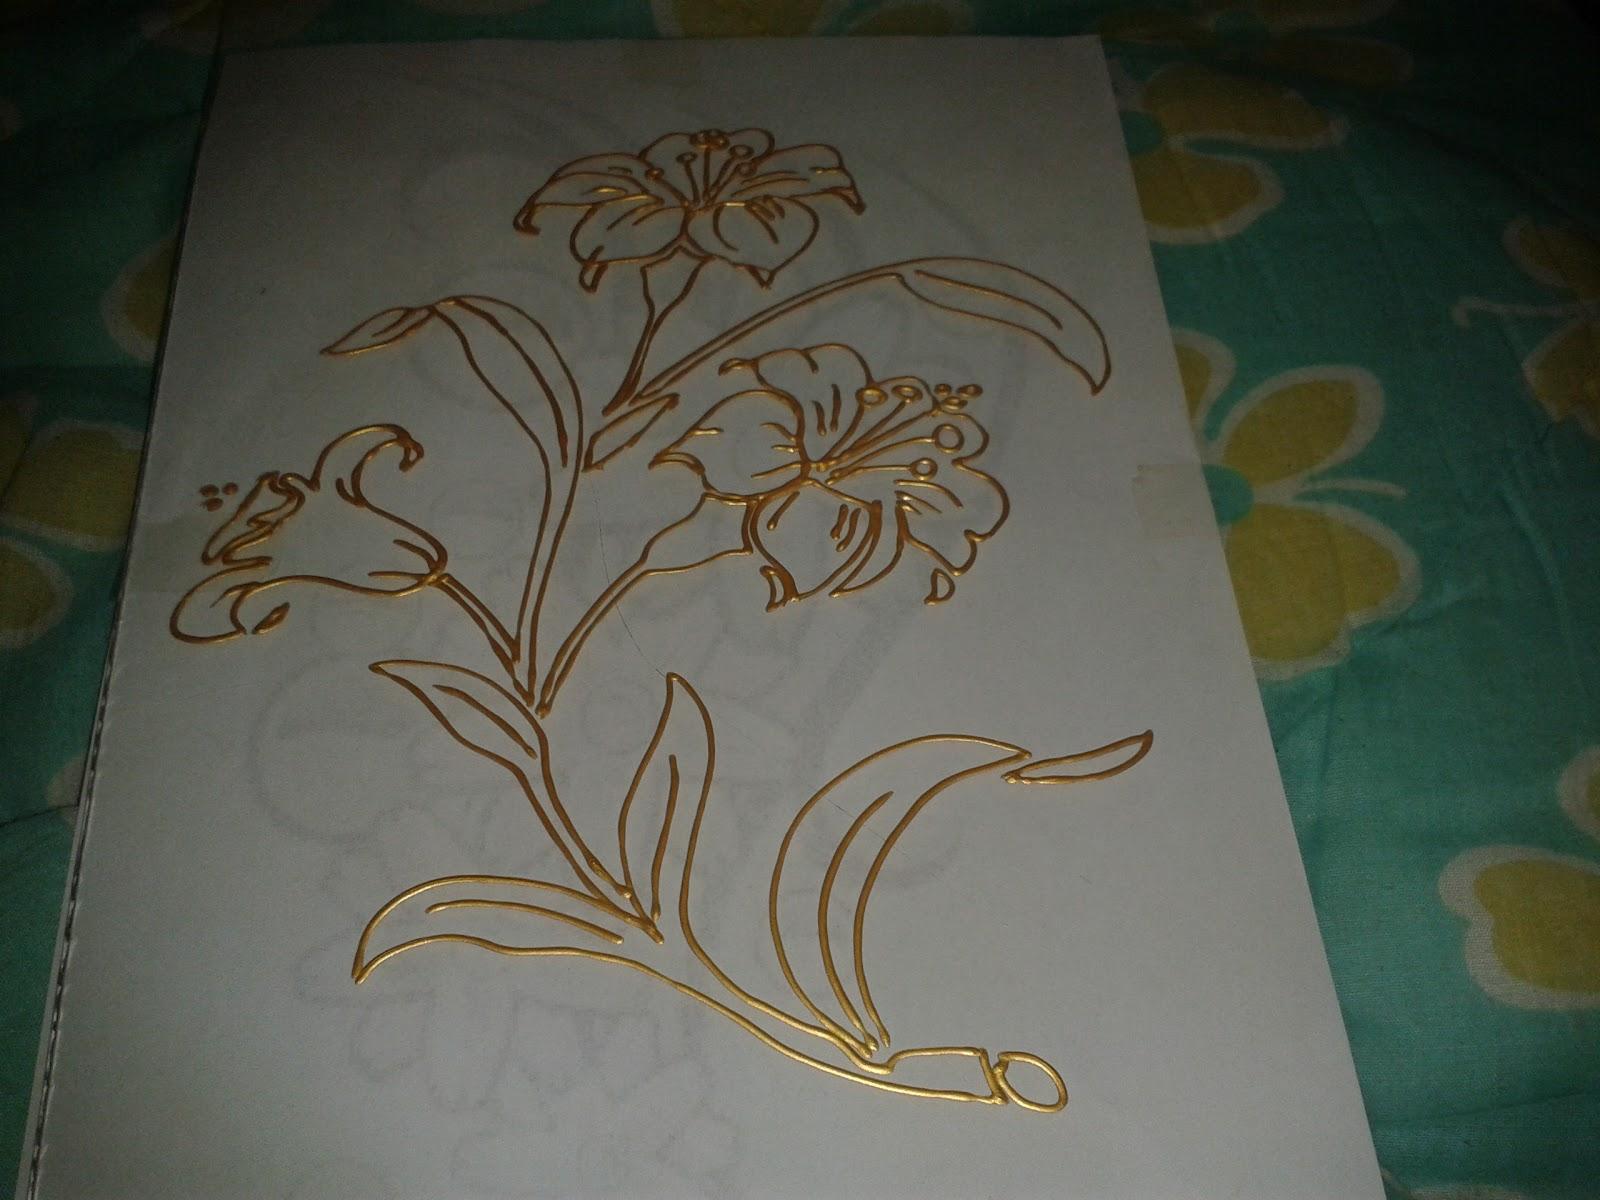 Peindre tableau sur verre tape par tape - Peindre sur de la peinture brillante ...